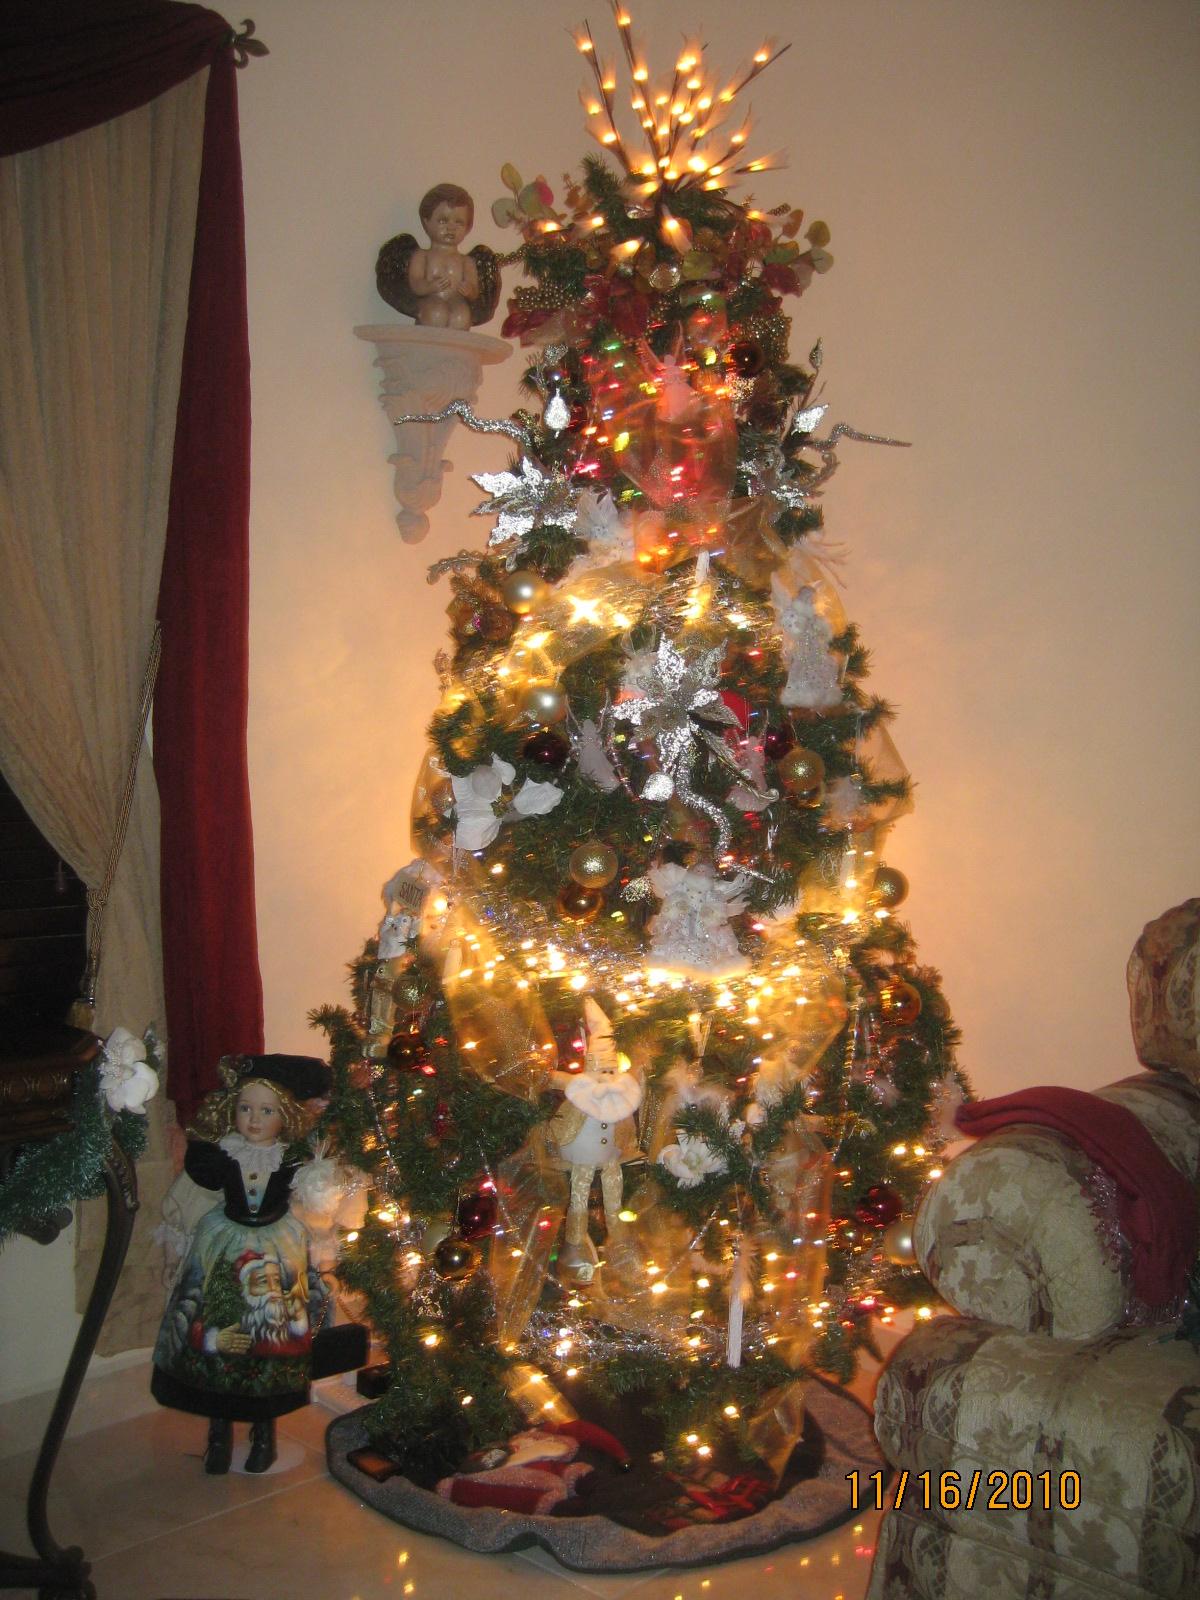 Mis tejidos y algo mas arbol de navidad 2010 for Cuando se pone el arbol de navidad